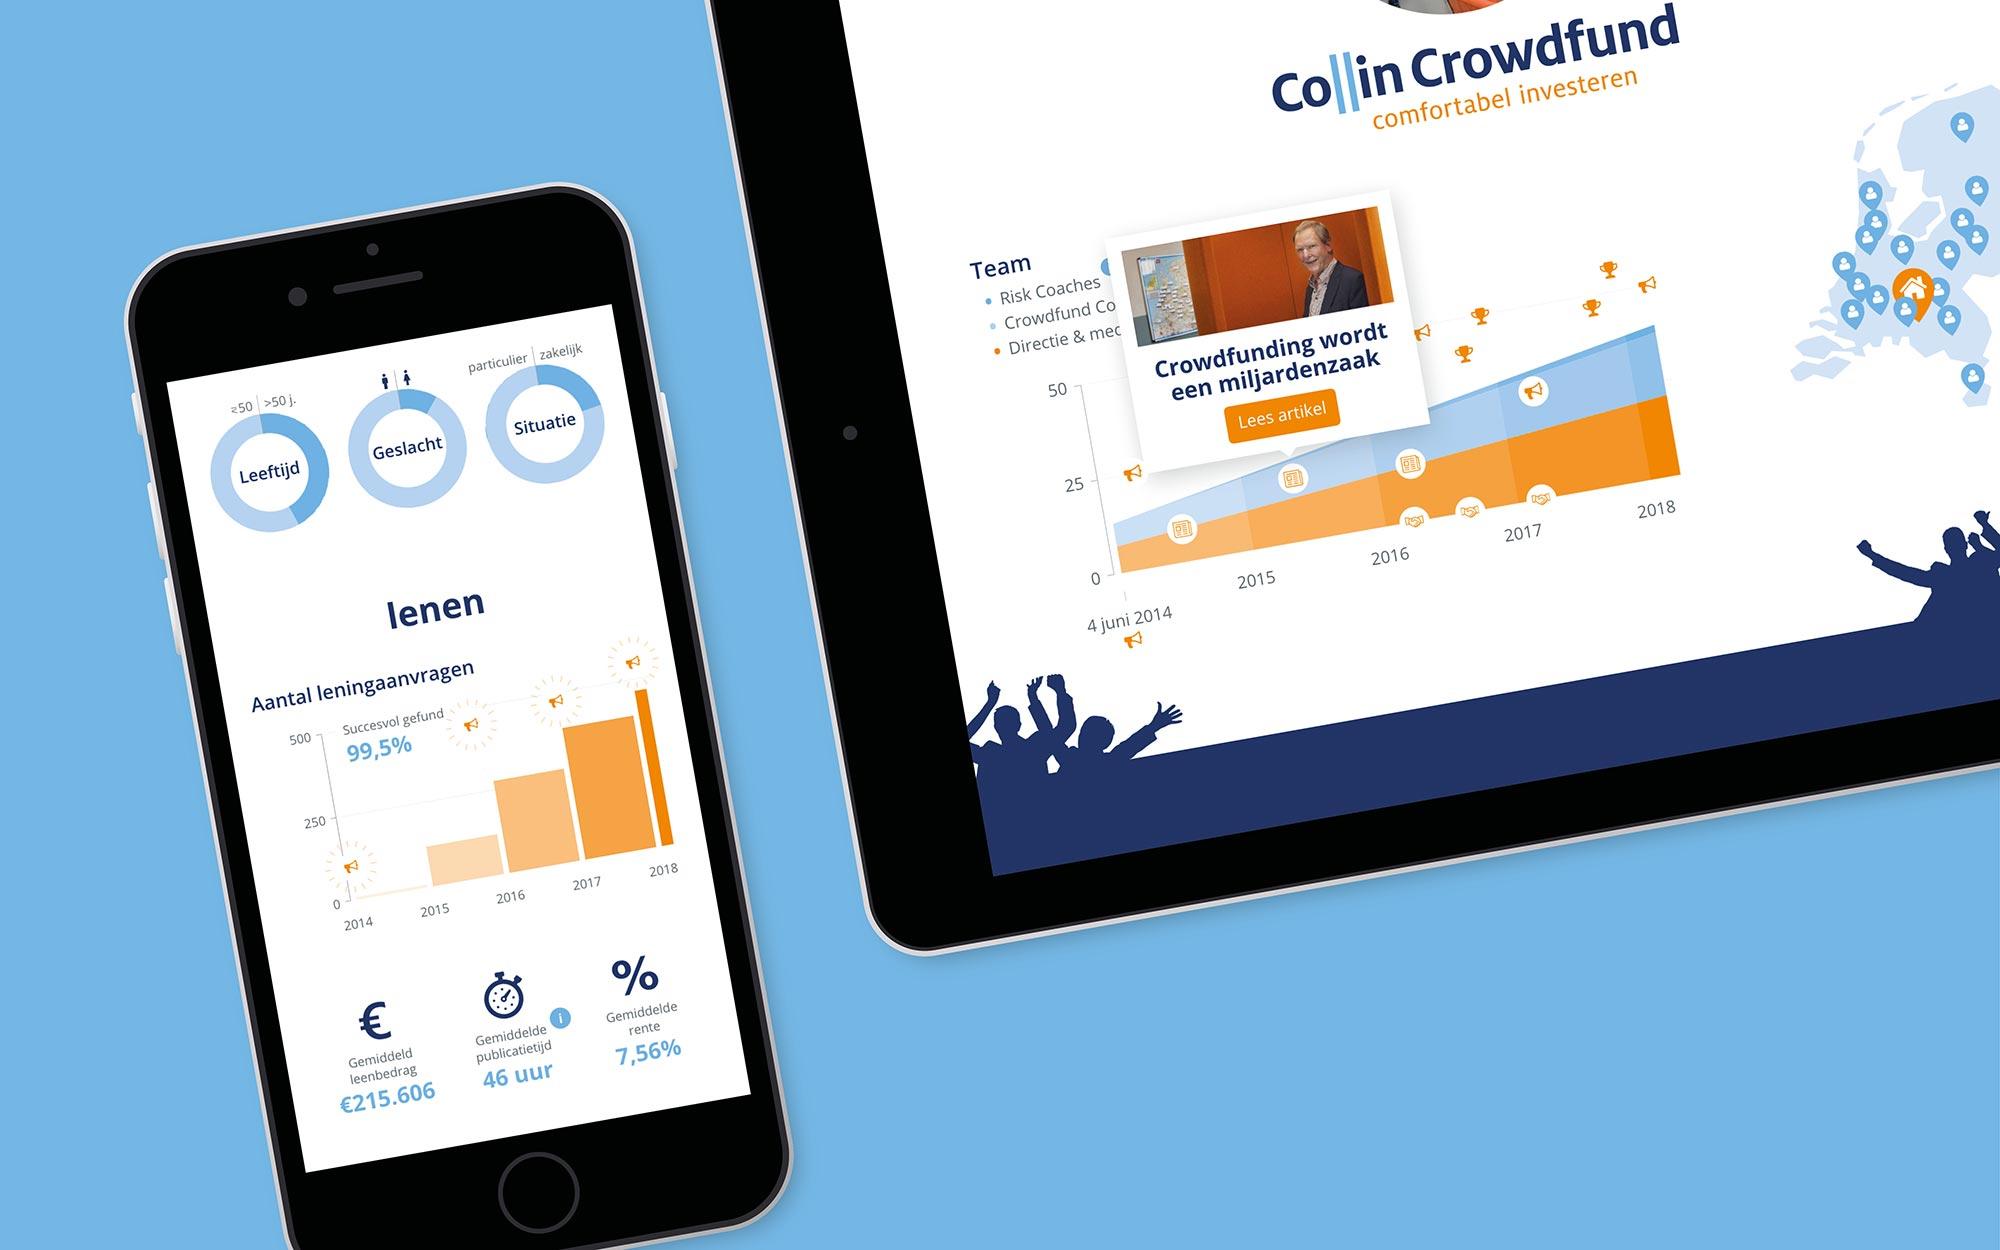 100 miljoen bereikt Collin Crowdfund infographic JAgd ontwerp detail